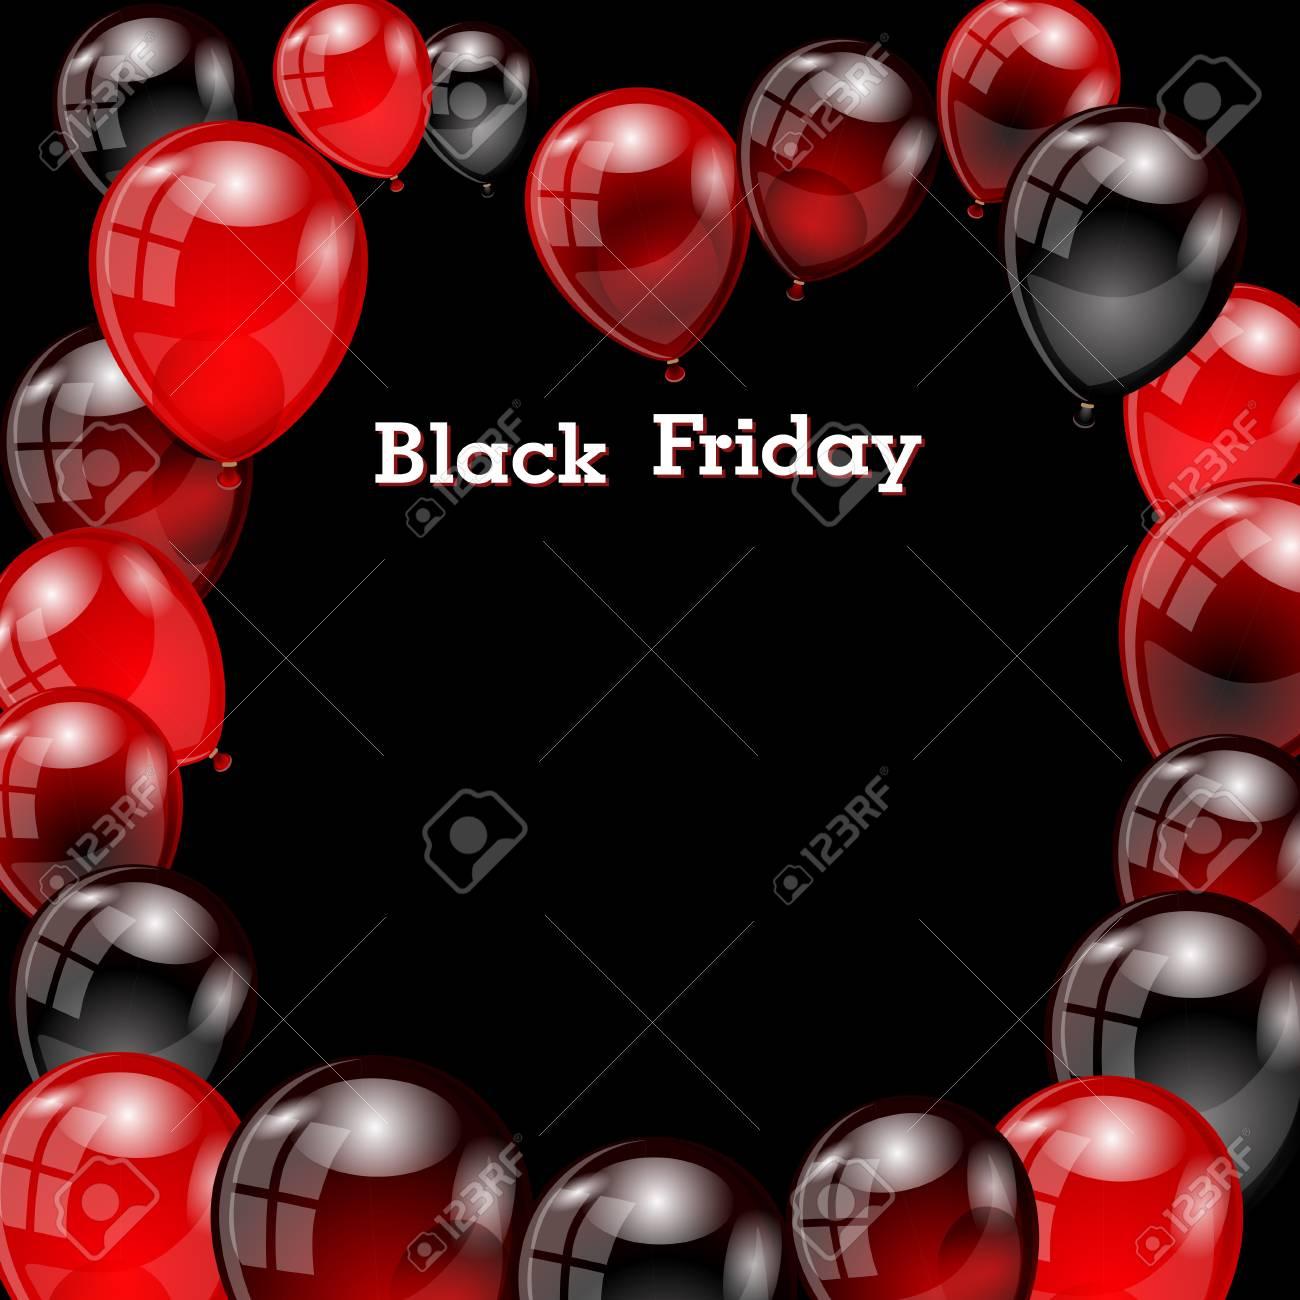 Carta Da Parati Nera sfondo nero venerdì con carta da parati nera e nero con la scritta  iscrizione nero è una grande illustrazione vettoriale di vendita